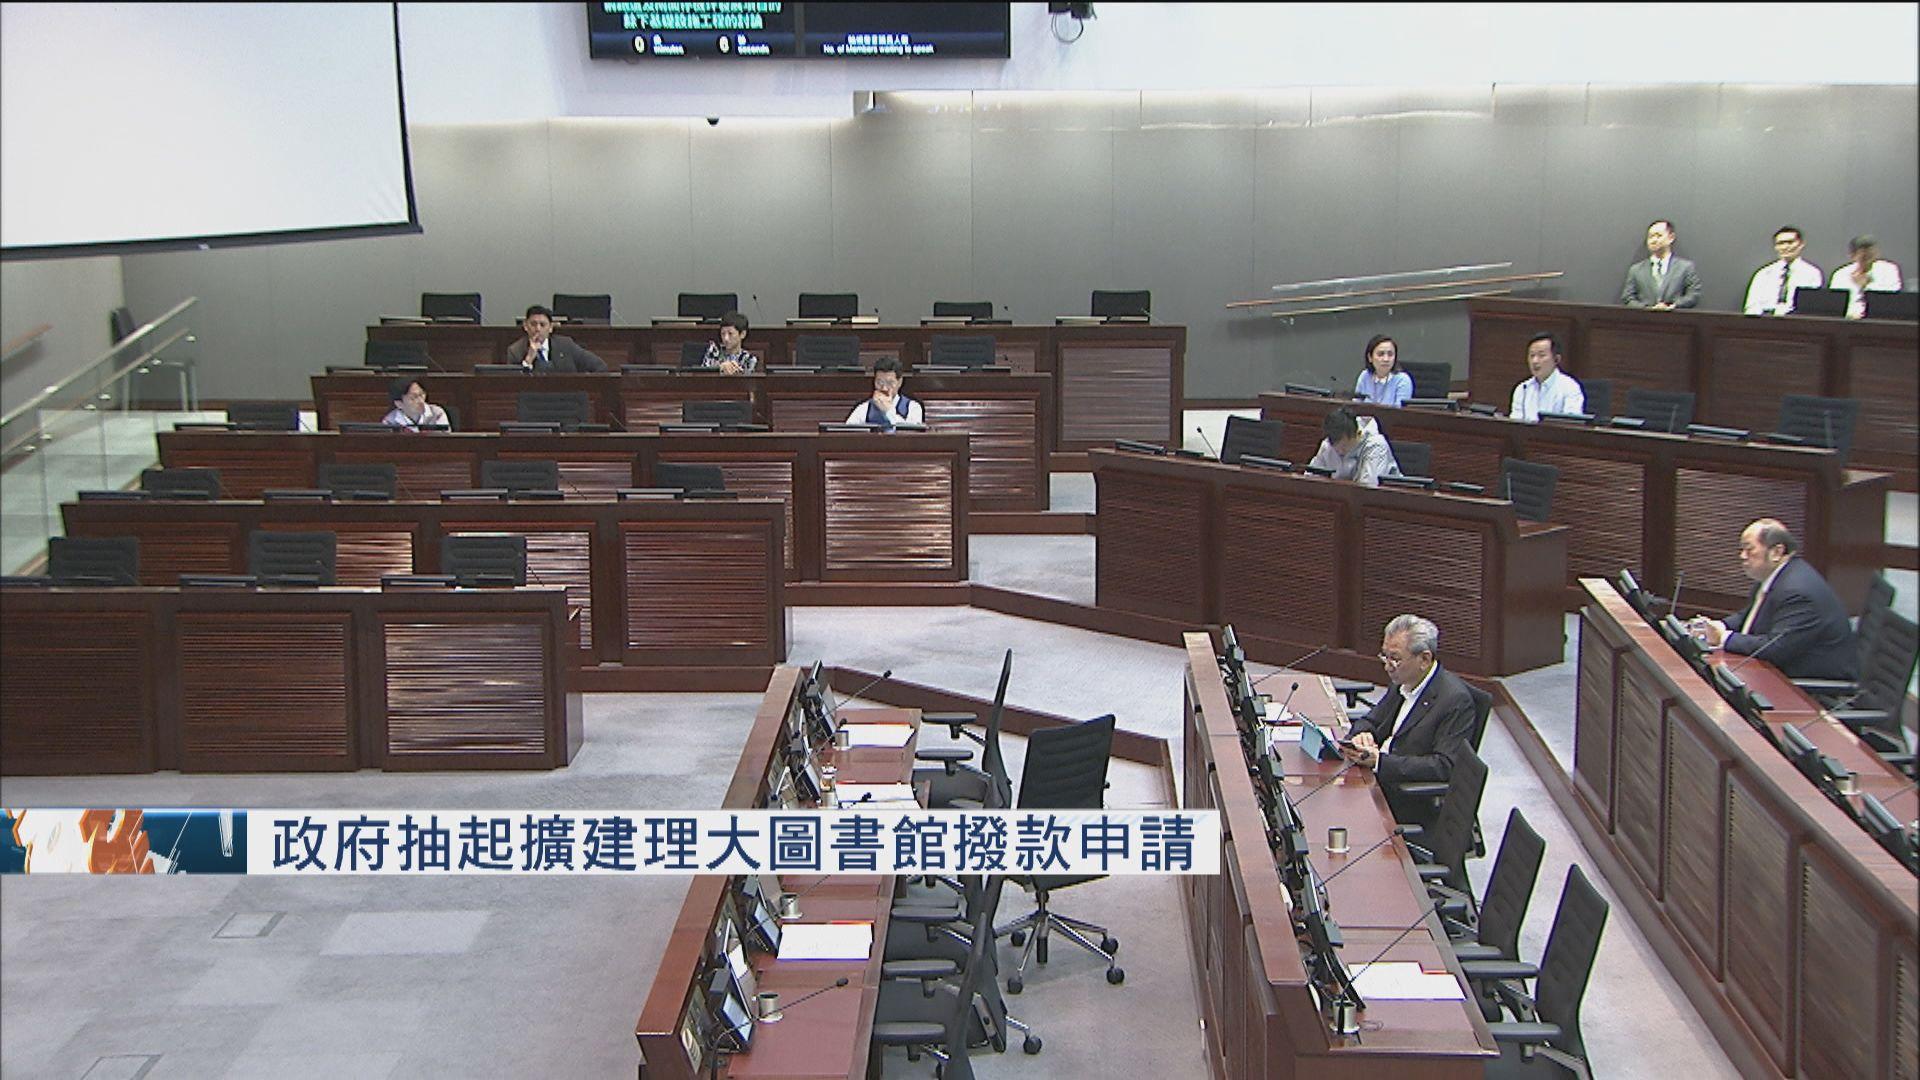 政府抽起擴建理大圖書館撥款申請